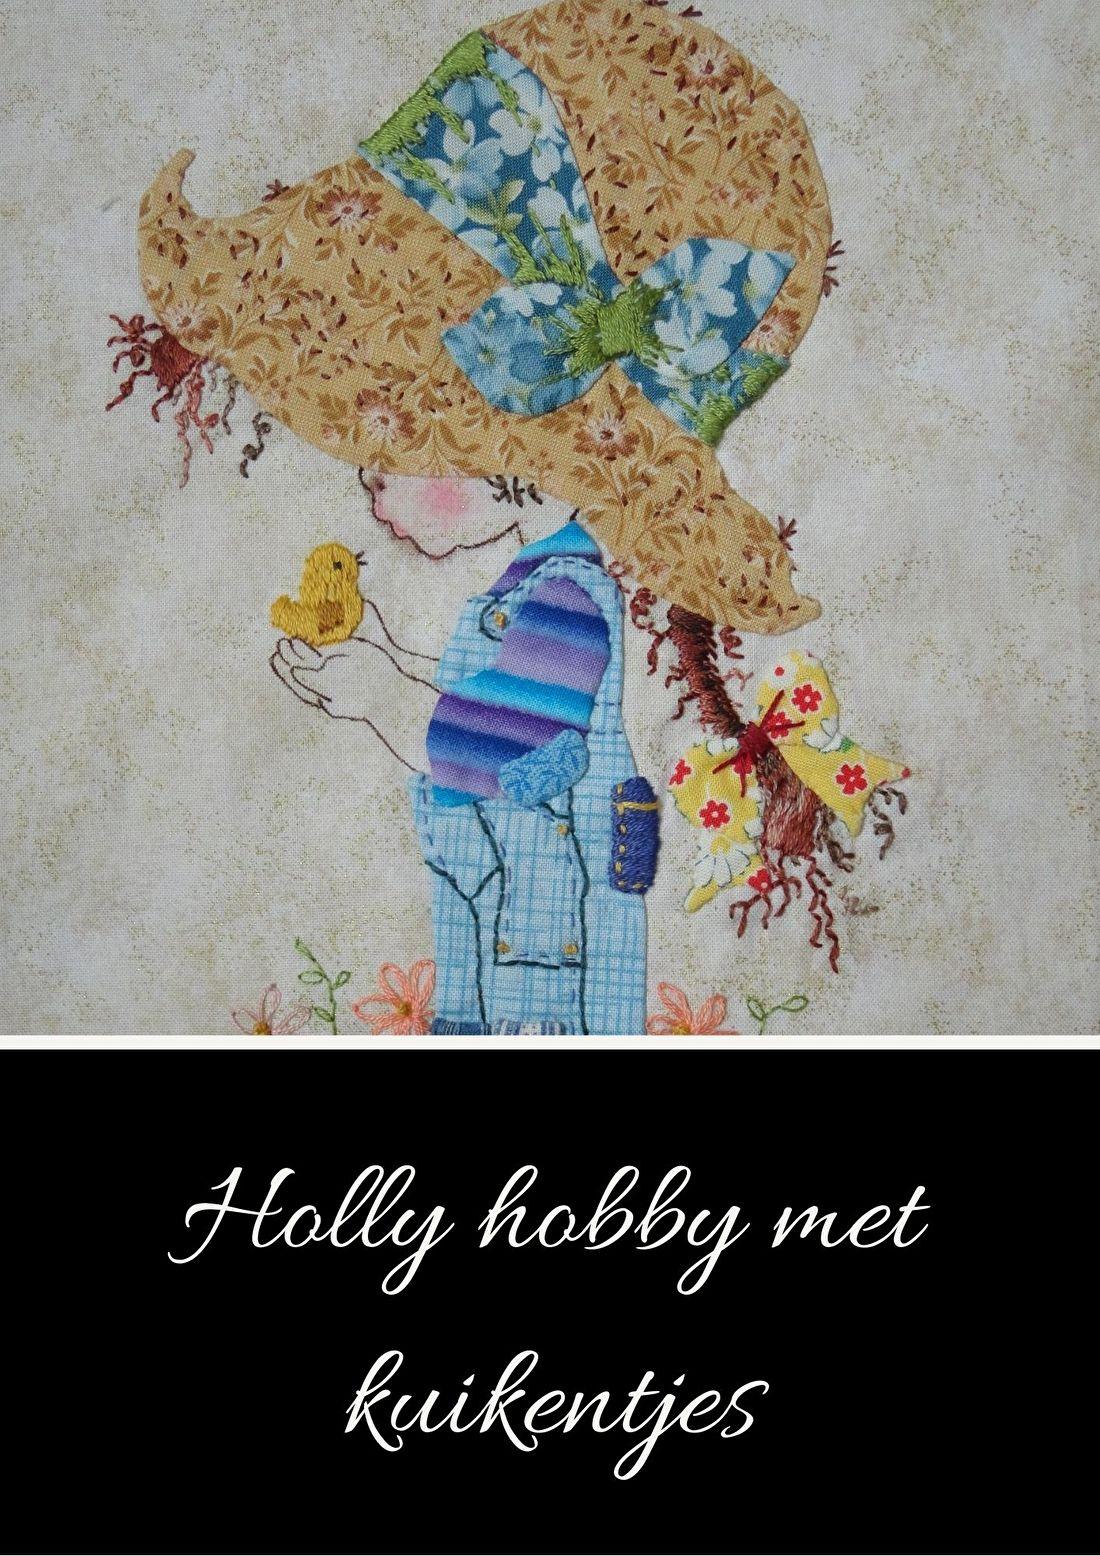 https://www.hobbyshopfugeltsje.nl/a-56536393/diy-pakketten-patronen/holly-hobby-met-kuikentjes/